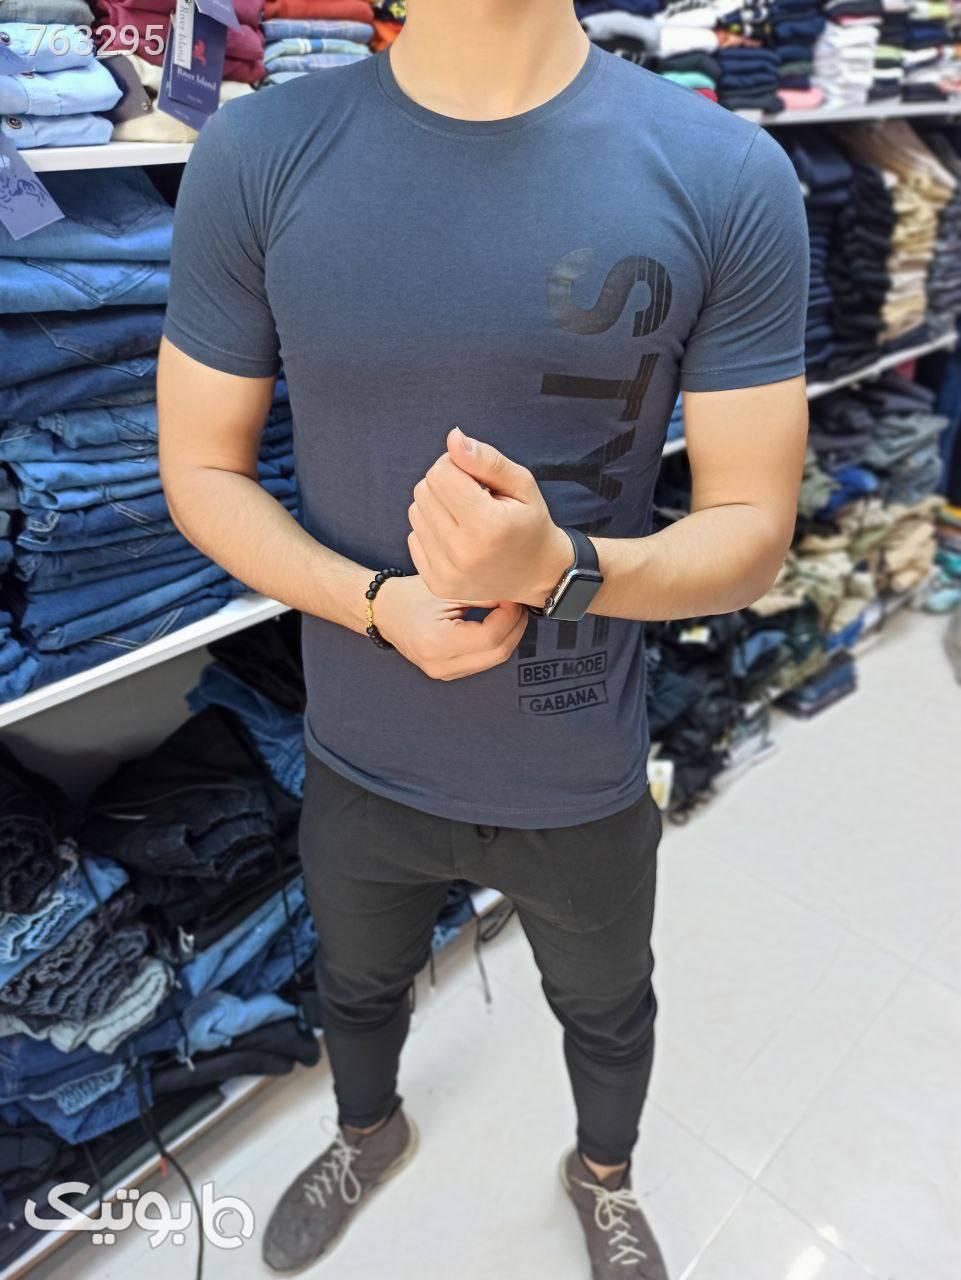 تیشرت جدید سبز تی شرت و پولو شرت مردانه